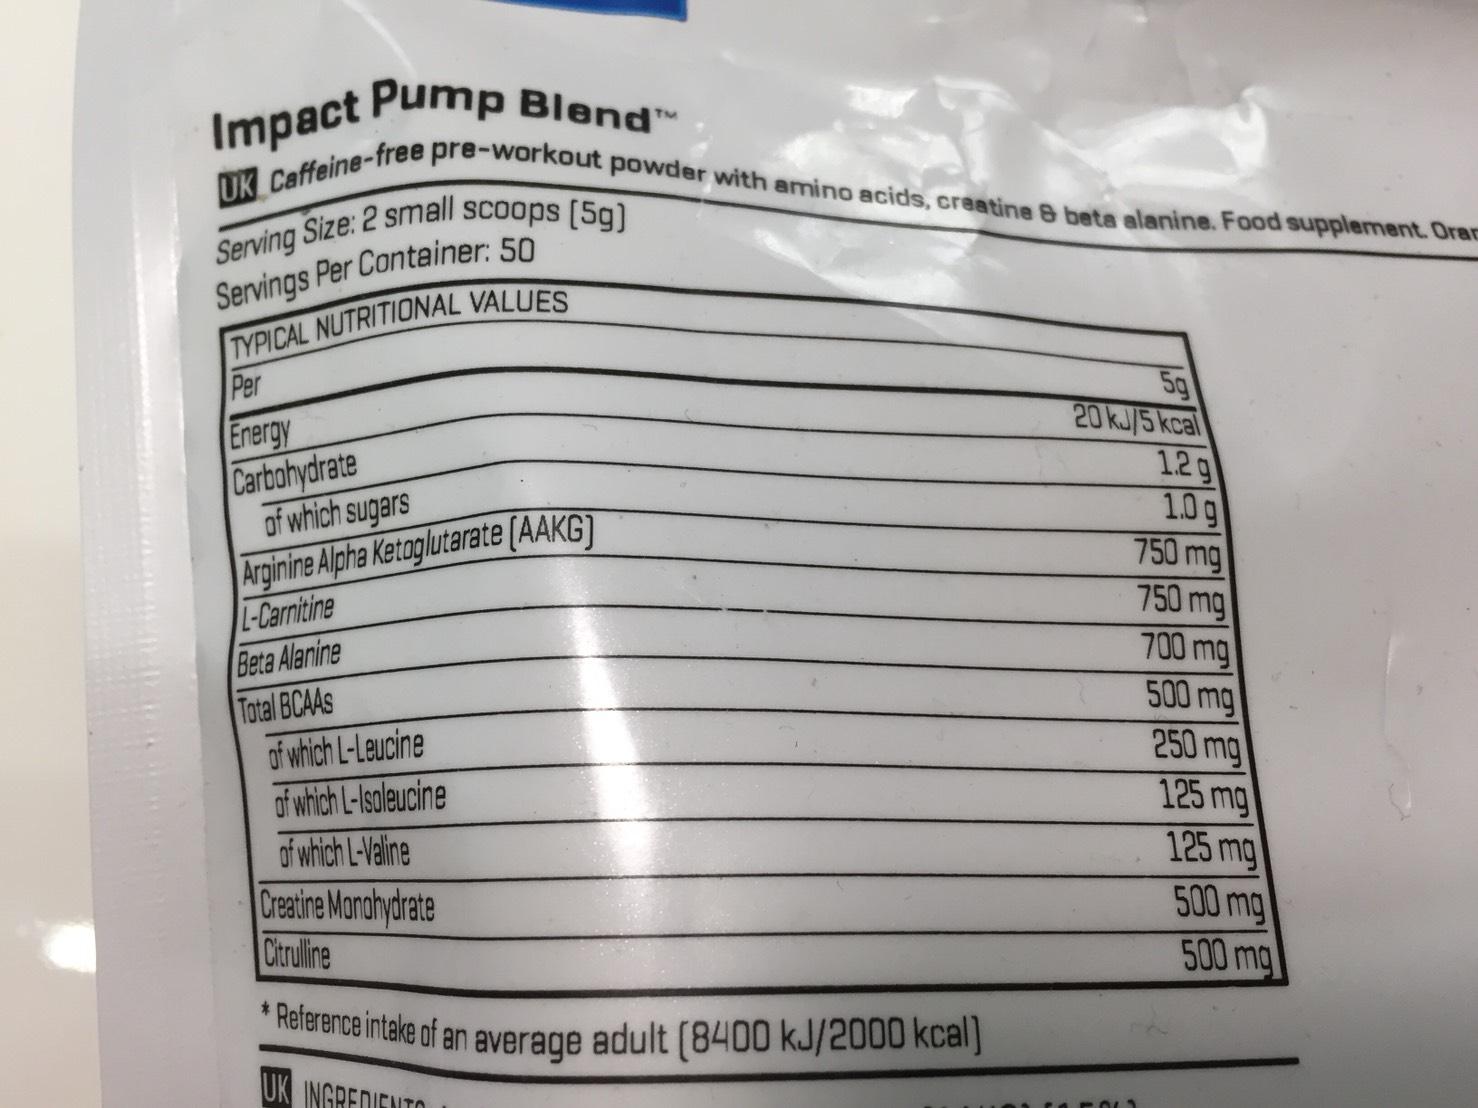 IMPACTパンプブレンド「ORANGE FLAVOUR(オレンジ味)」の成分表